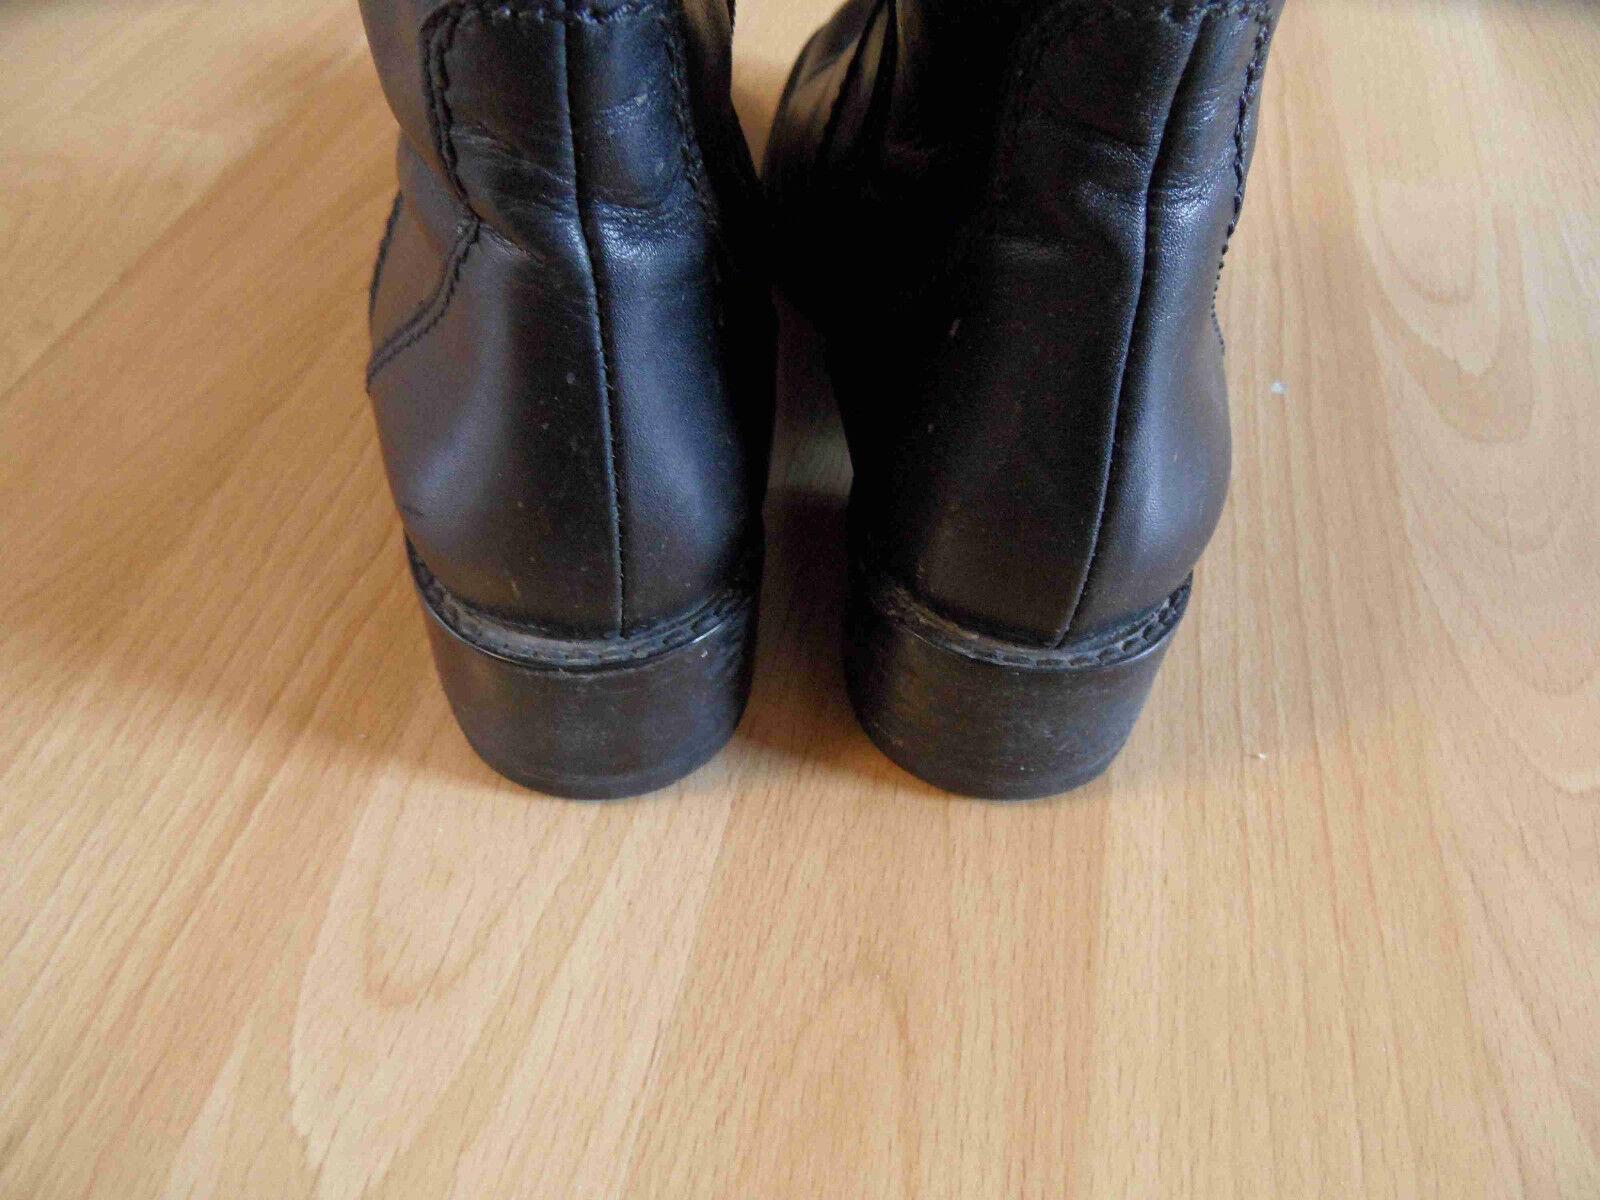 LEROY schwarz & DEE schöne hohe Lederstiefel schwarz LEROY Gr. 37  TOP  kCE915 070309